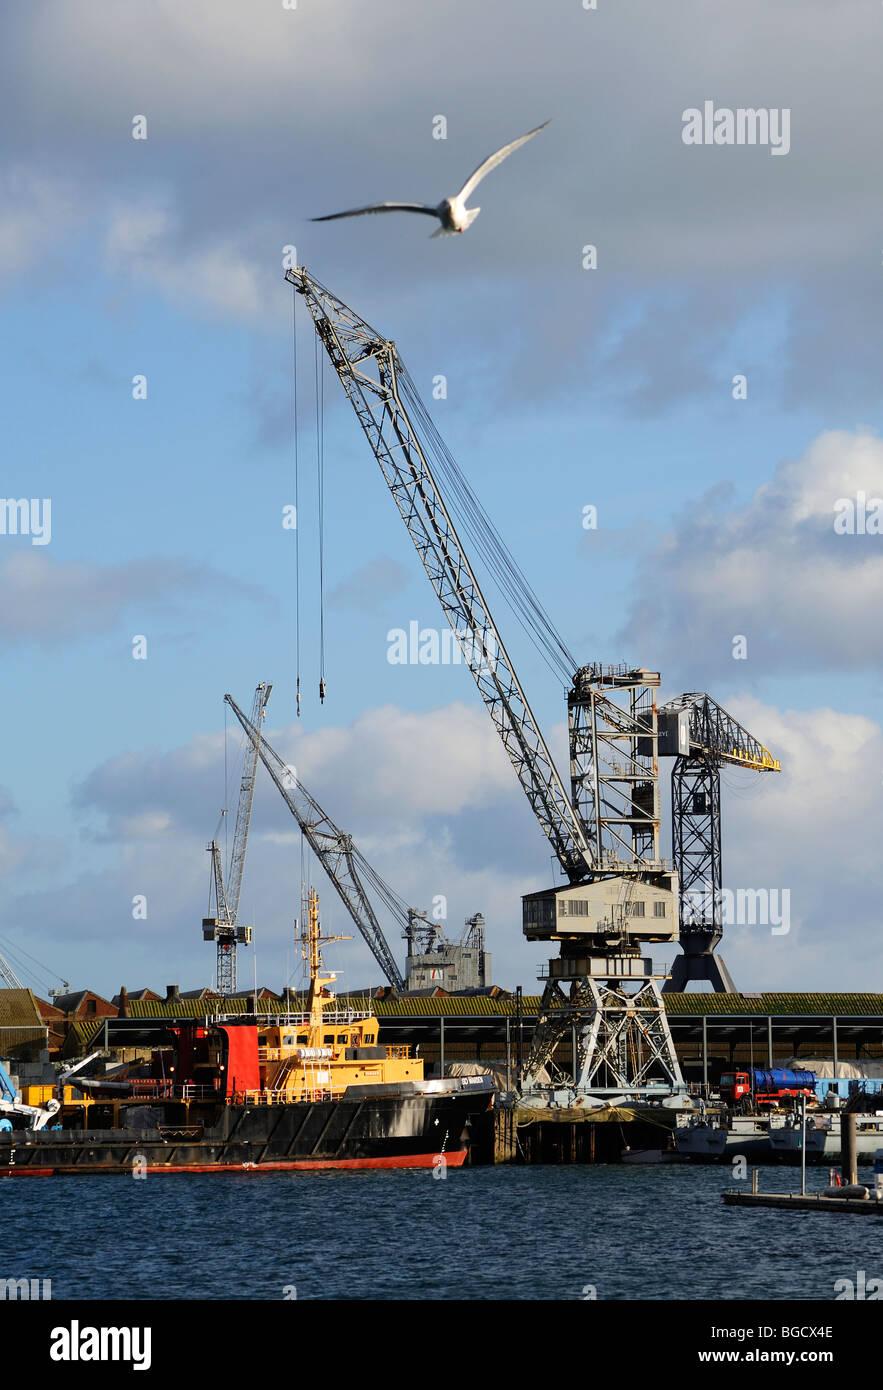 cranes at falmouth docks, cornwall, uk - Stock Image